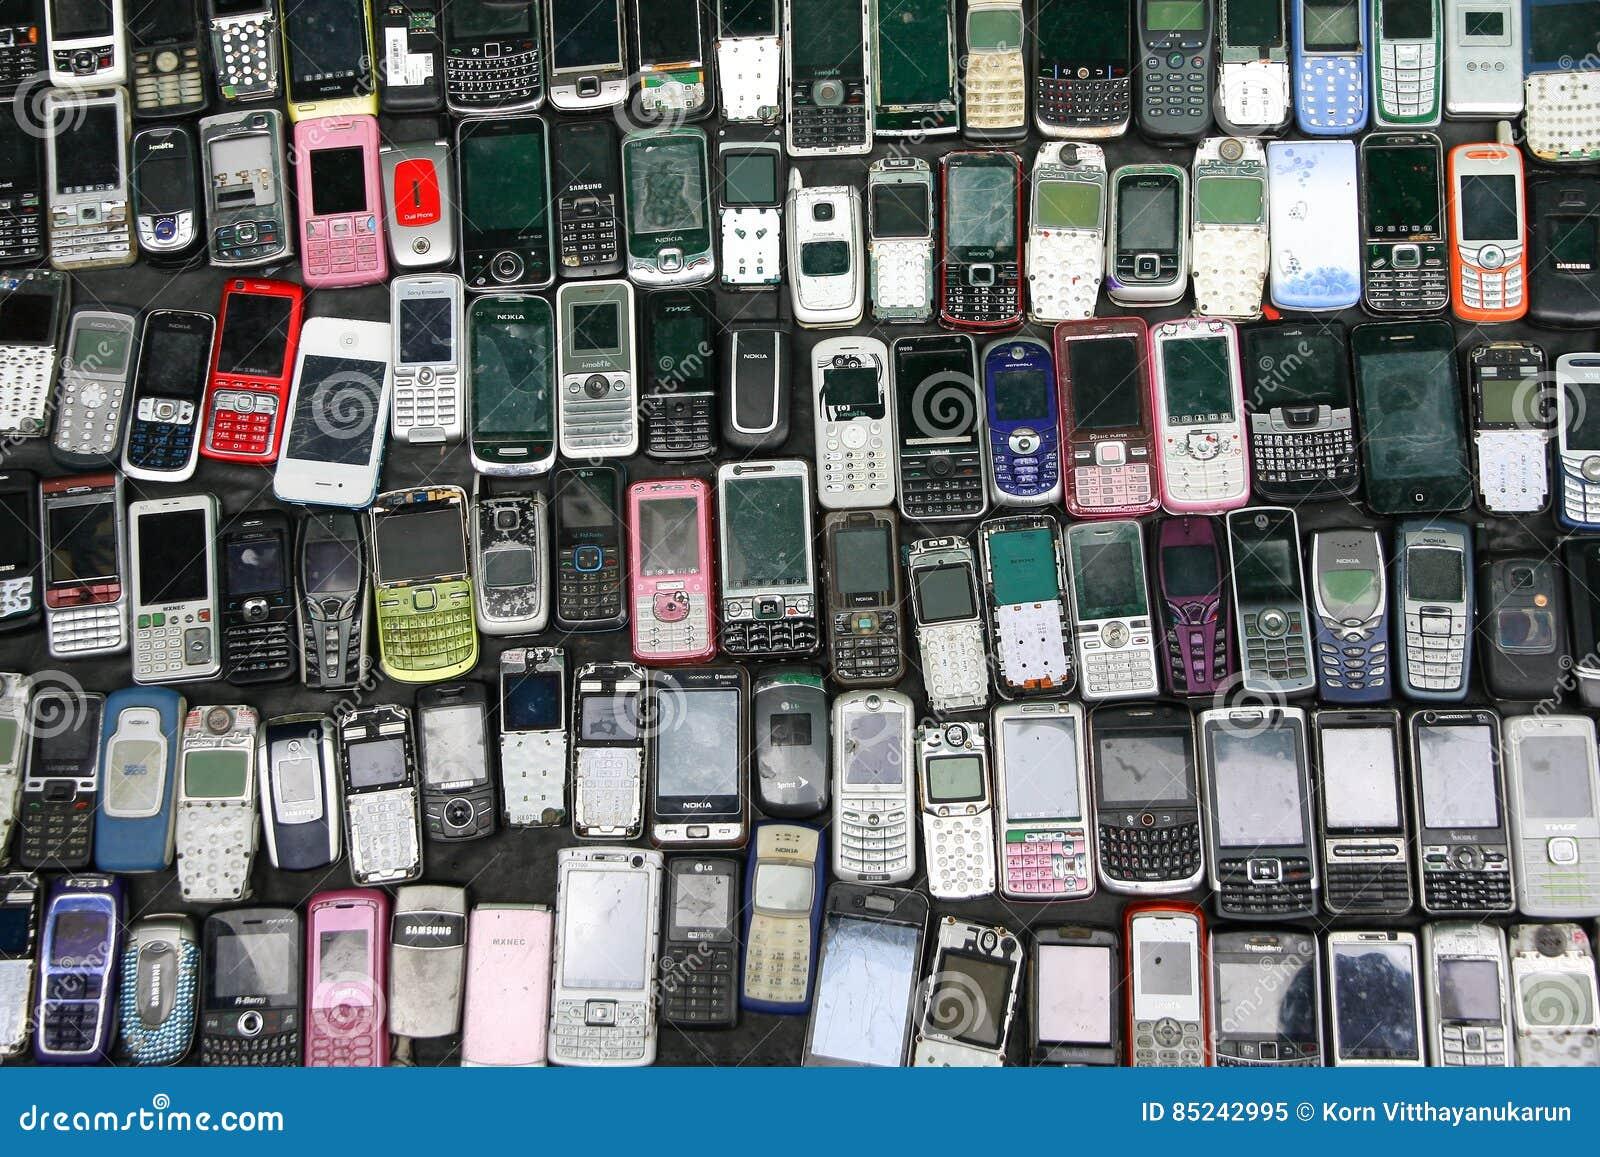 Venda do telefone celular da característica da segunda mão para a peça sobresselente